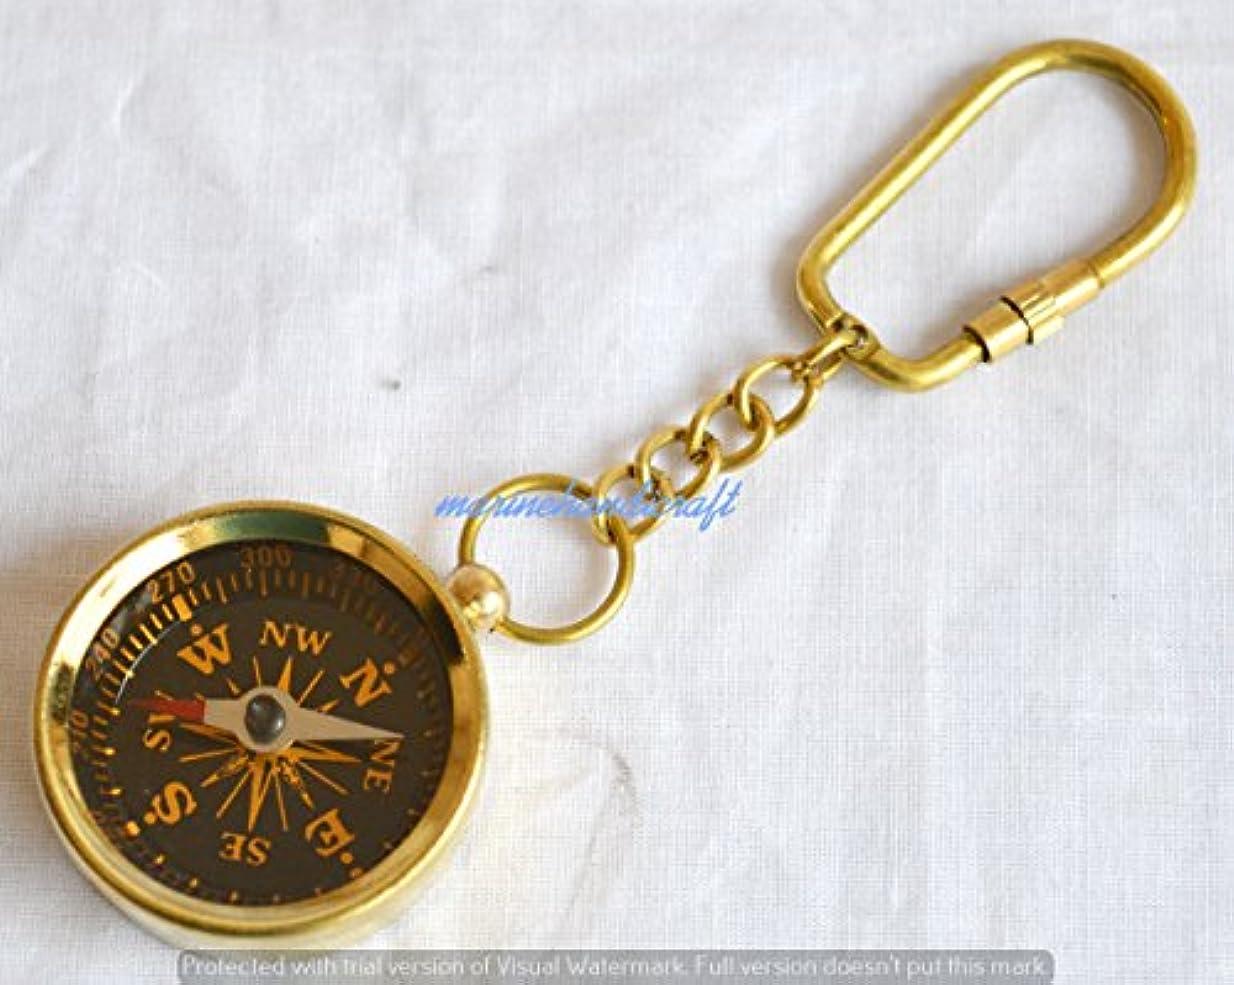 意気消沈した人里離れた出身地Humaira nauticalbrass Collectableポケットcompass-hiking compass-nauticalキーチェーン